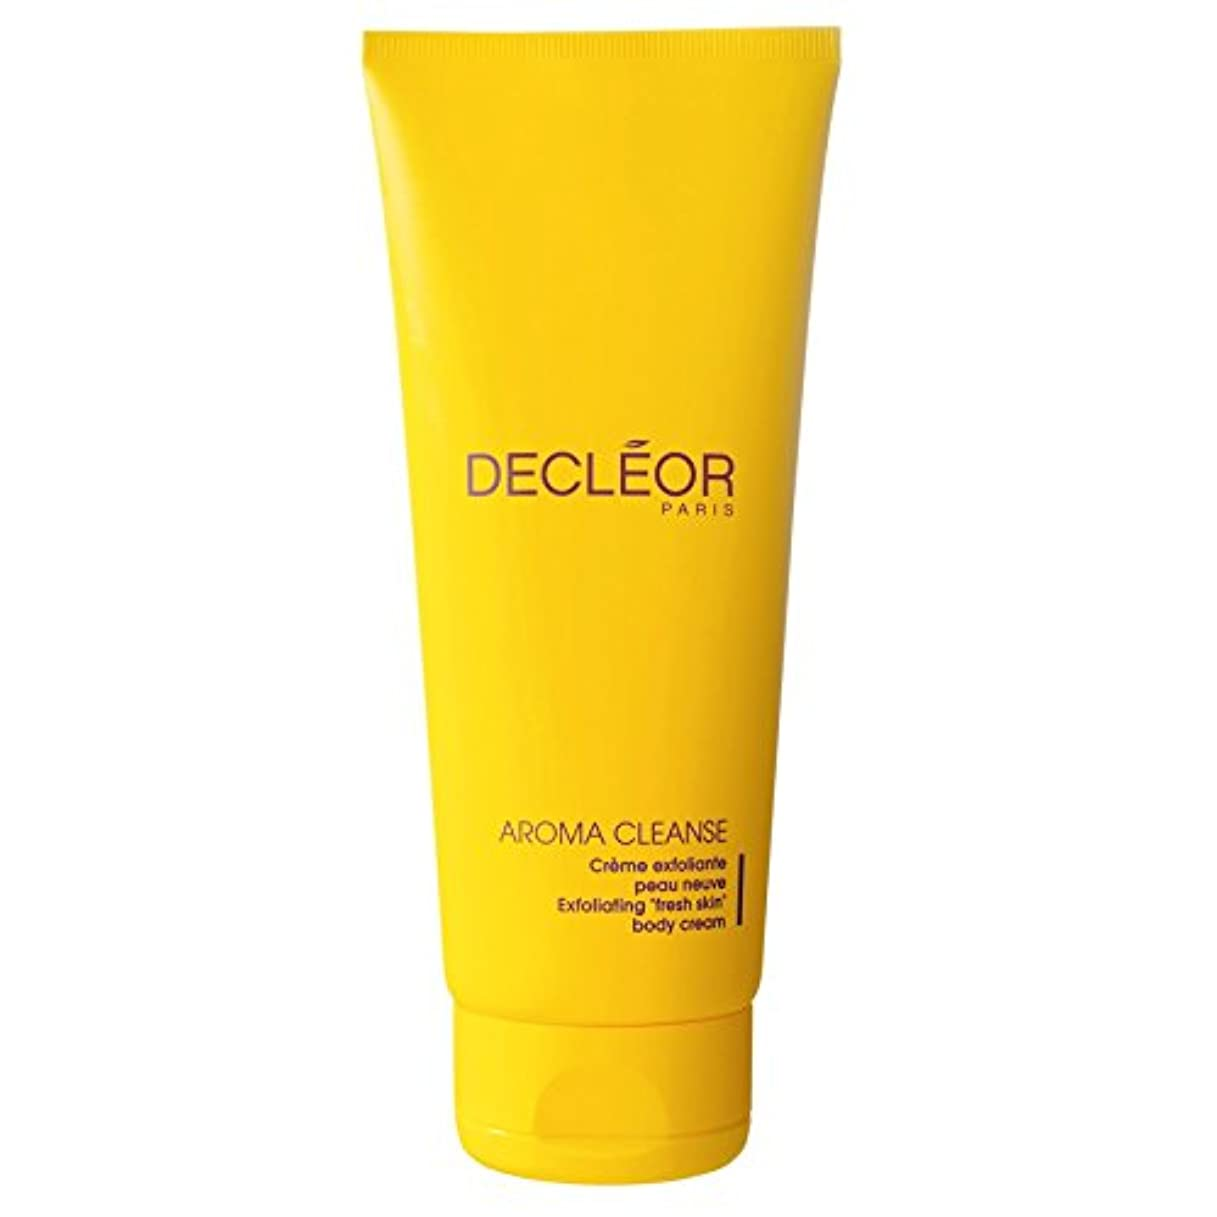 誇大妄想温帯測定可能[Decl?or ] デクレオール角質除去ボディクリーム200ミリリットル - Decl?or Exfoliating Body Cream 200ml [並行輸入品]